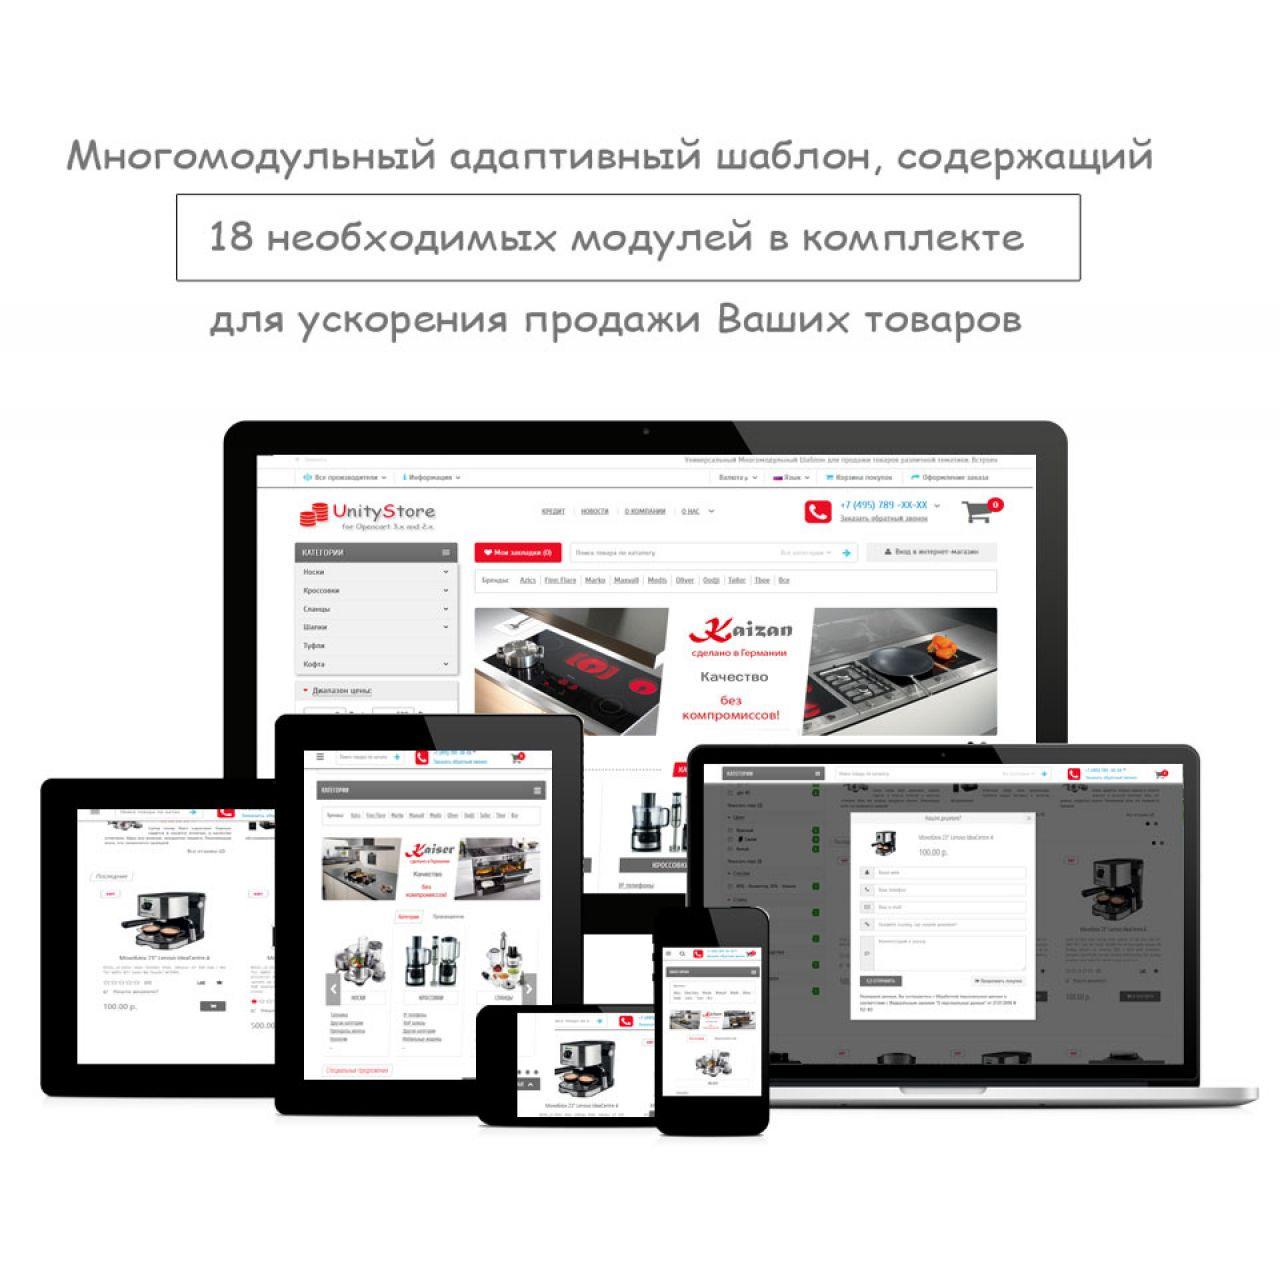 78ece3af7a0 Интернет-магазин на основе шаблона Unity Store 3.0 из категории Готовые  магазины для CMS OpenCart